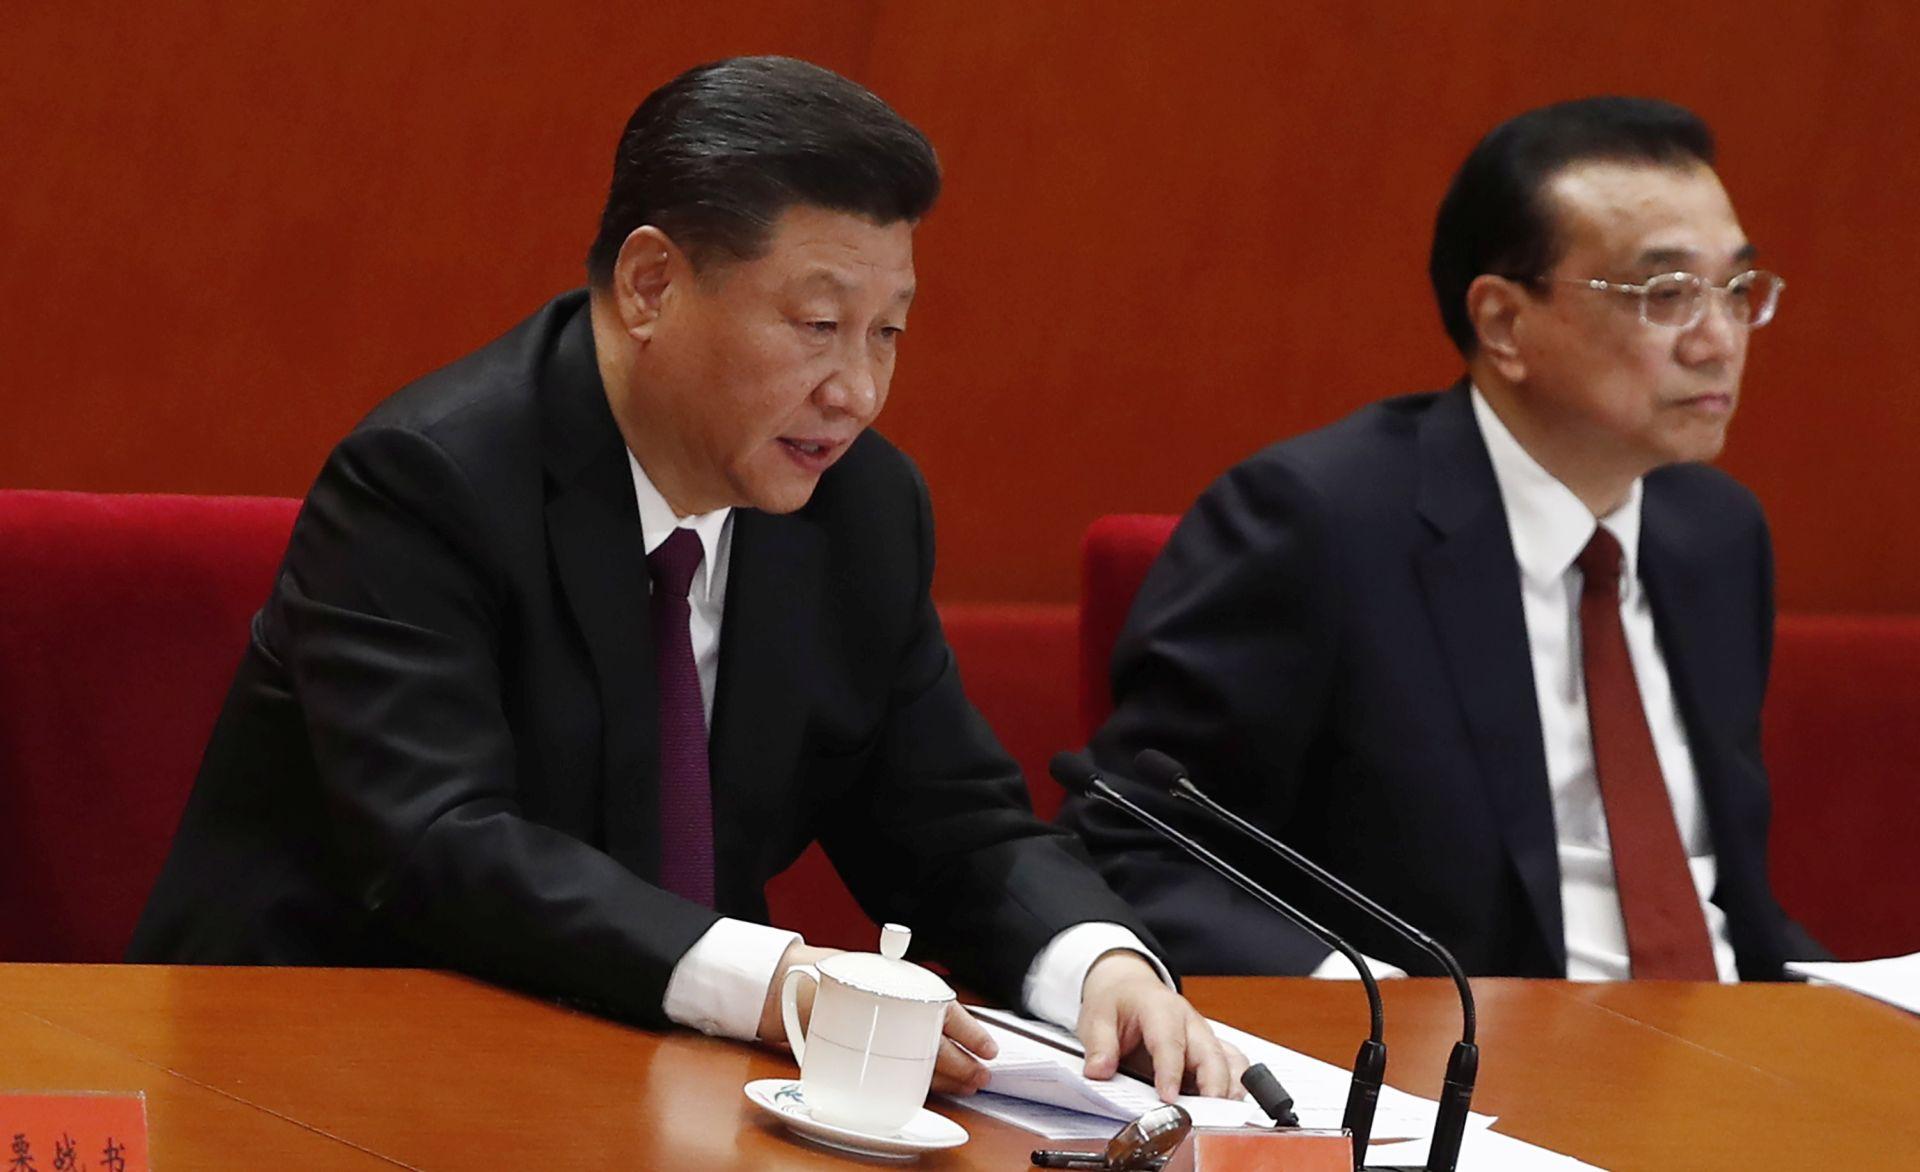 """XI JINPING 'Ritam reformi neće """"stagnirati""""'"""